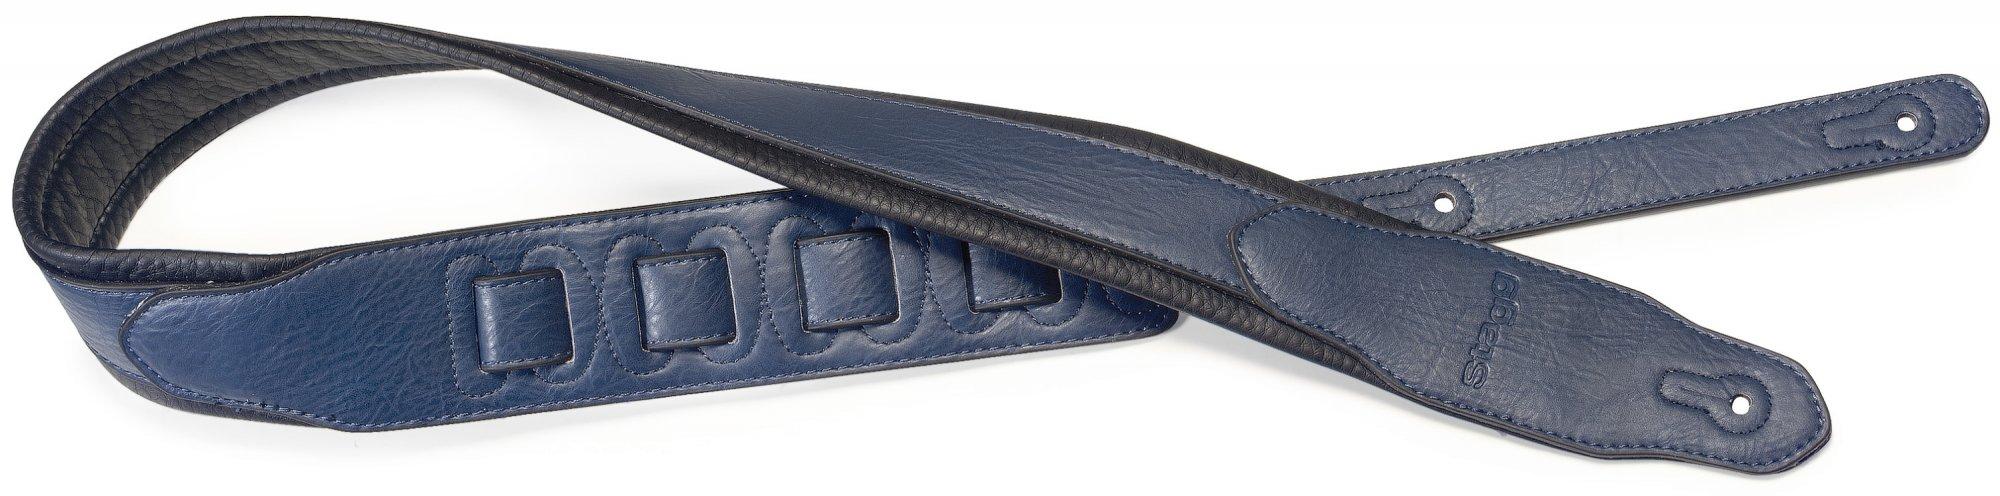 Stagg SPFL40 Adjustable Leather Guitar Strap Blue